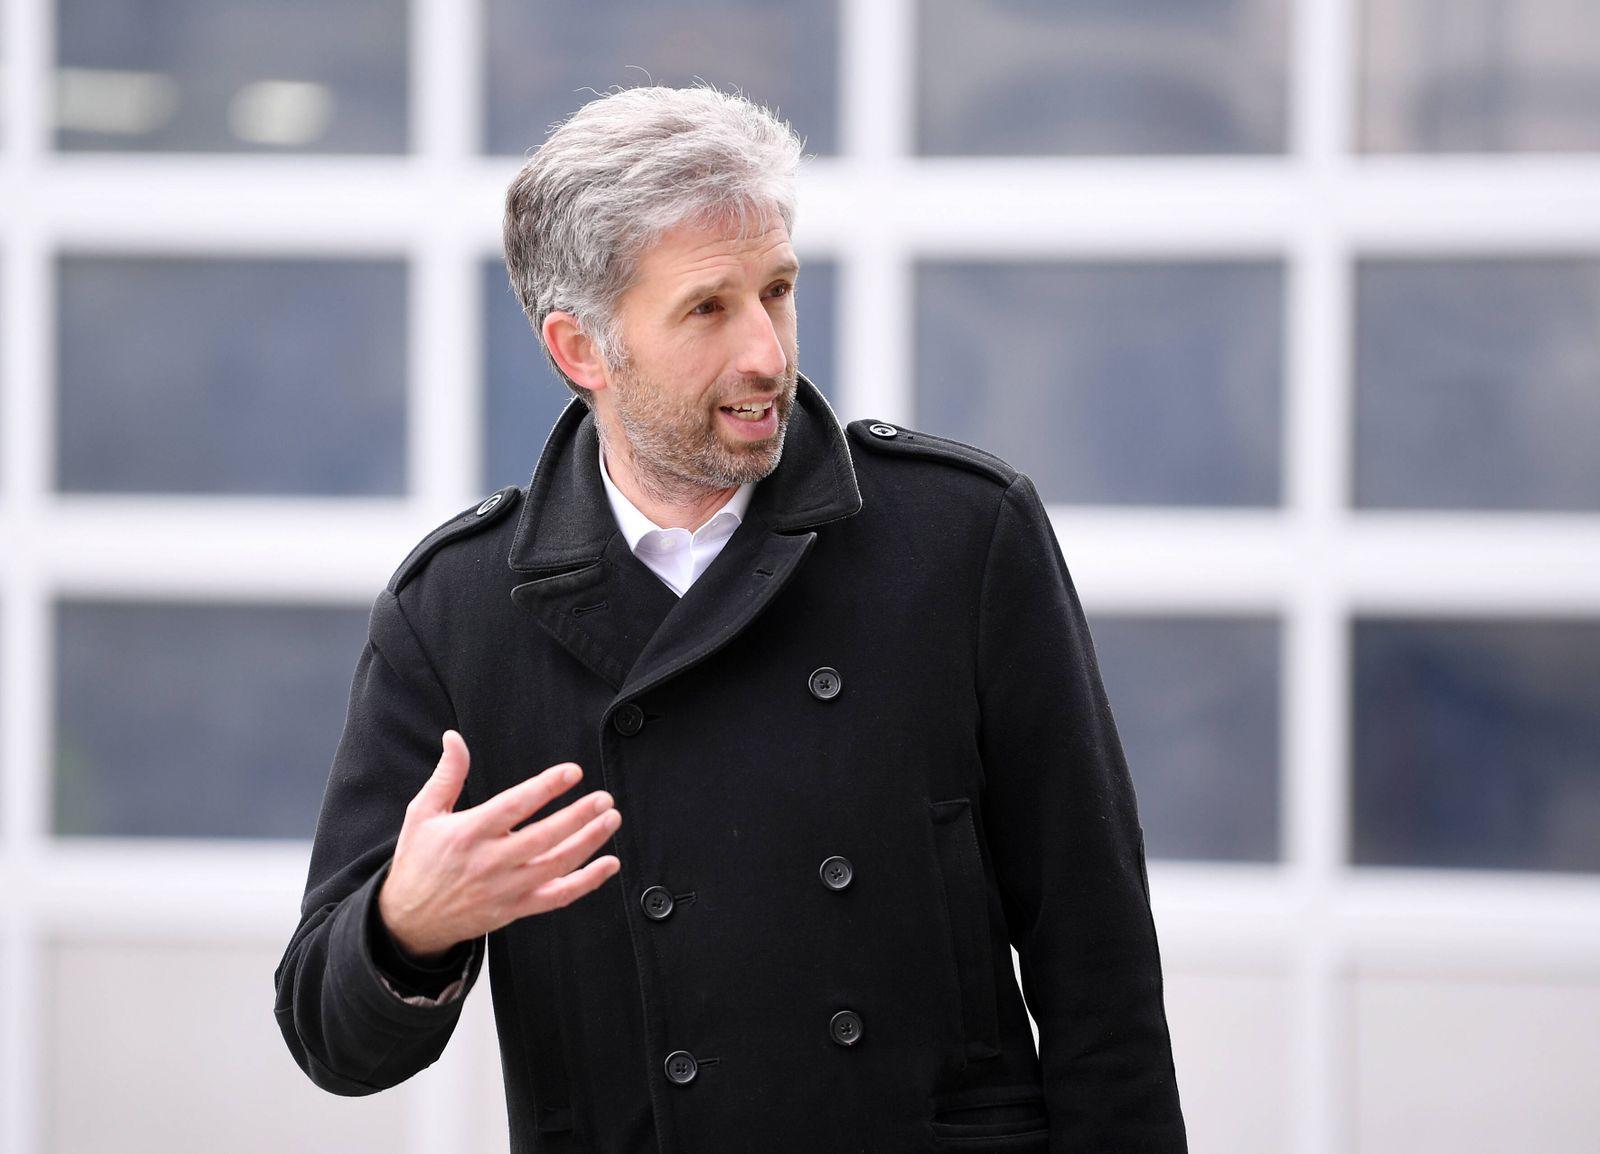 Tuebingen 30.04.2021 Oberbuergermeister Boris Palmer (Die Gruenen) hat die groesste Photovoltaikanlage Tuebingens beim A